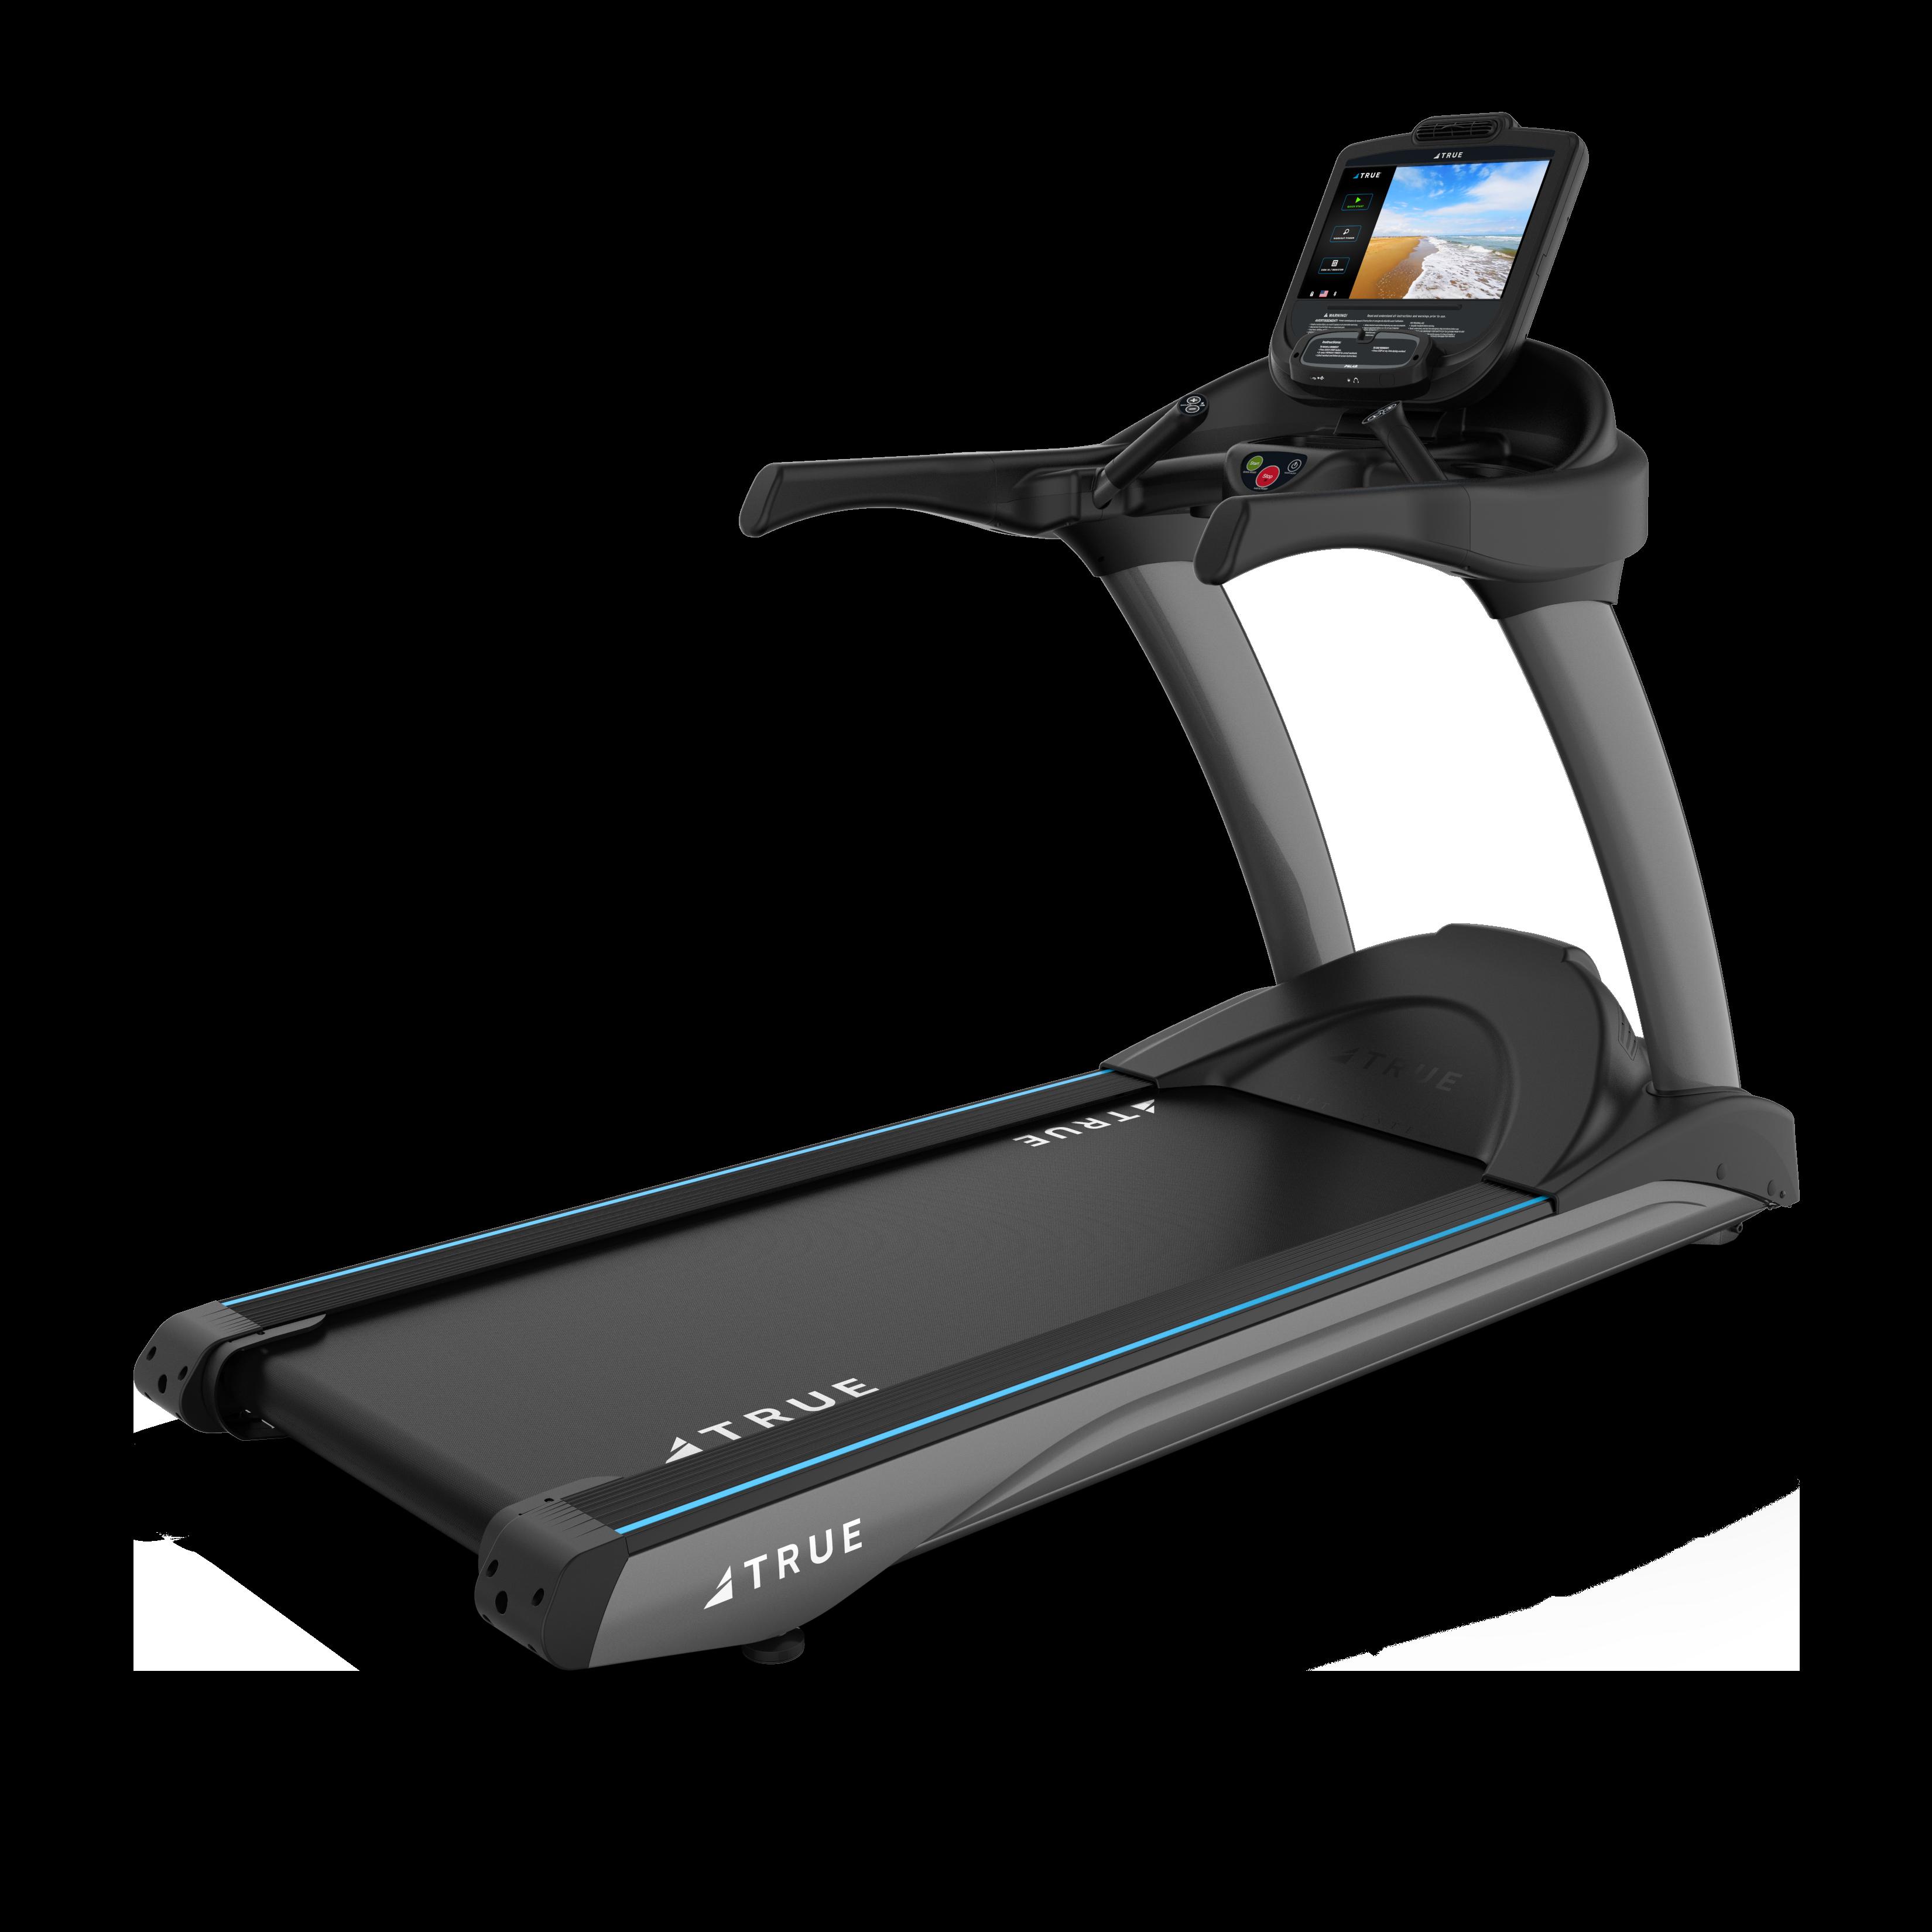 TRUE PREMIUM 900 Series Treadmill